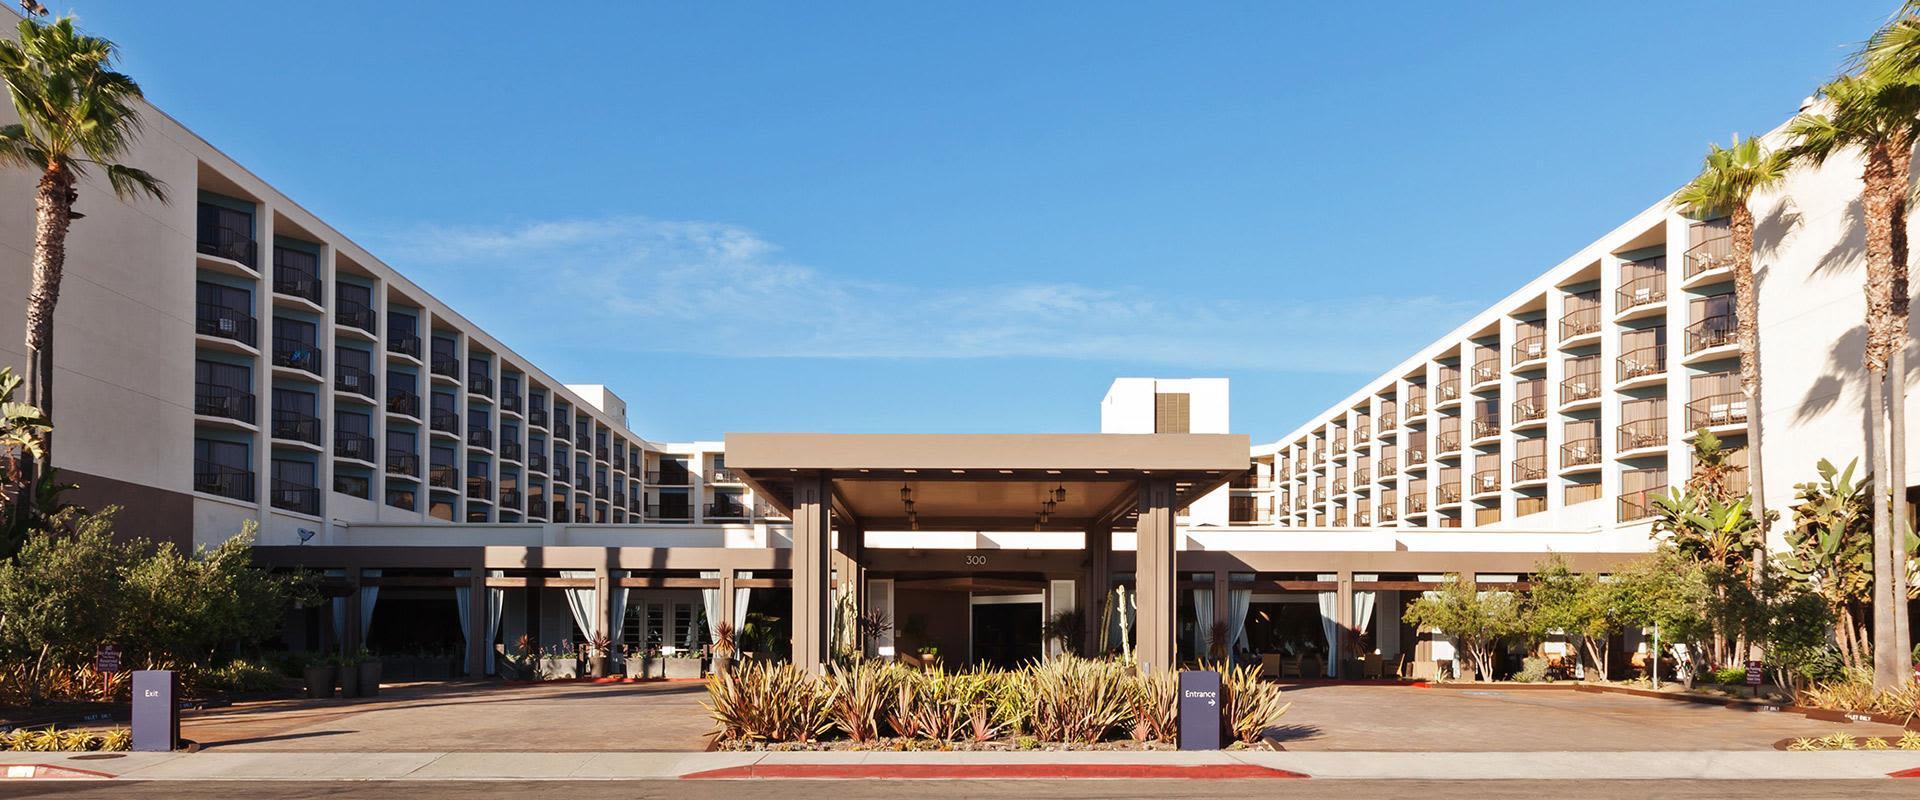 Redondo Beach Hotel Exterior Entrance